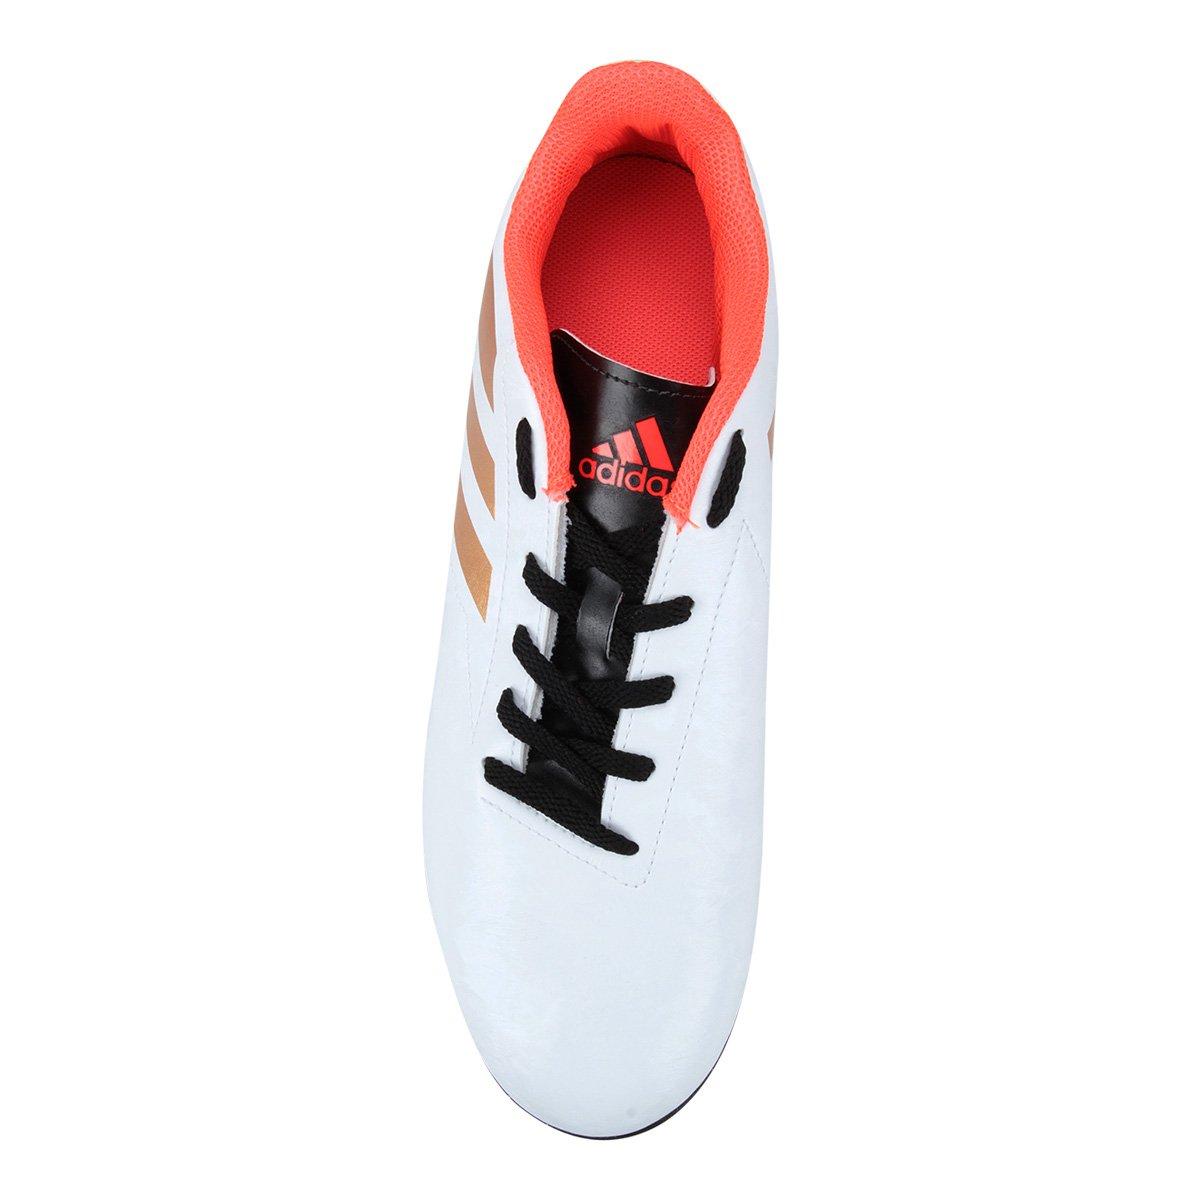 Chuteira Society Adidas Conquisto II TF - Branco e Laranja - Compre ... 3d4e58e653b6b